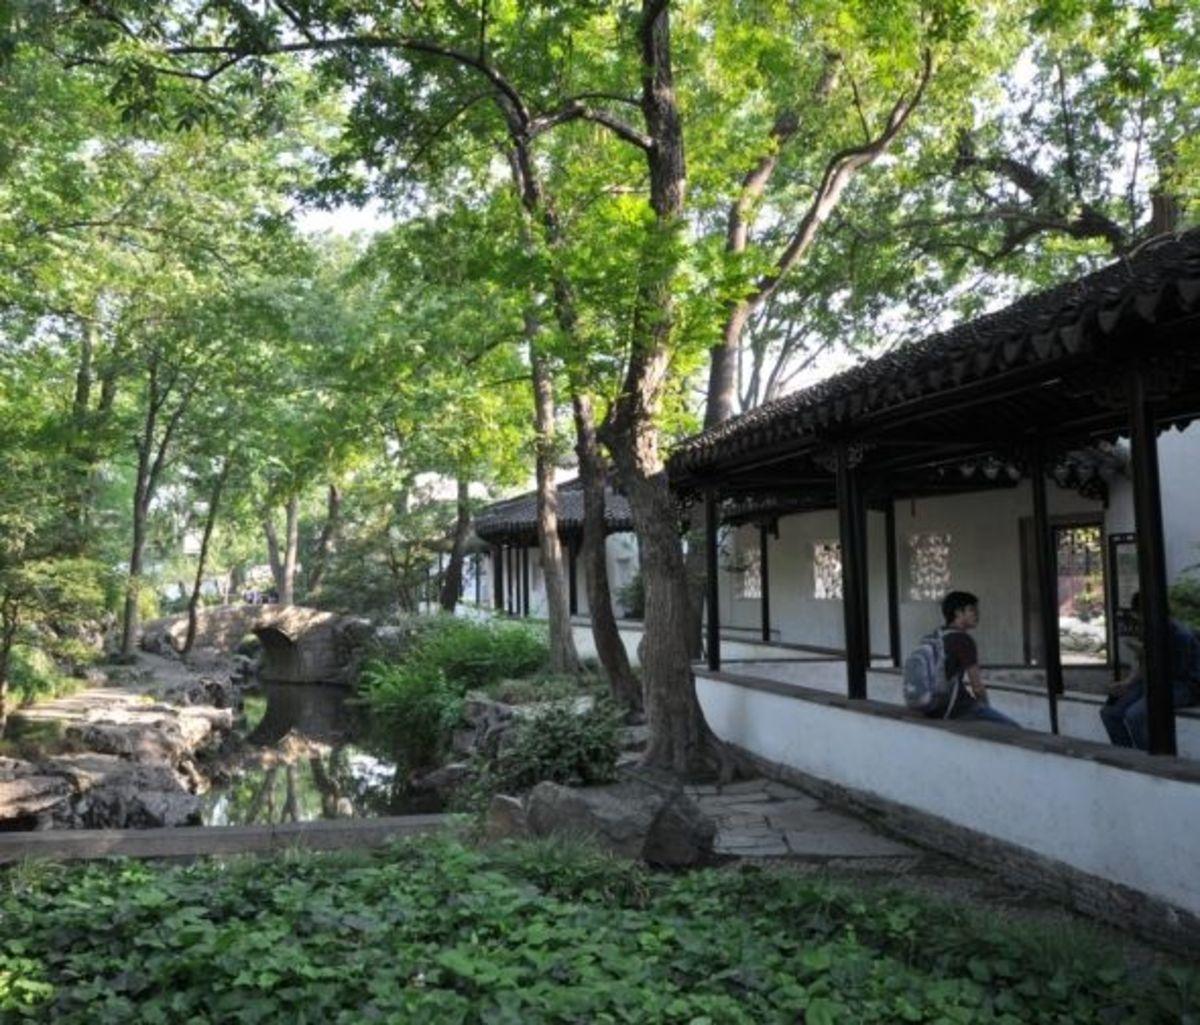 Chinese garden corridors